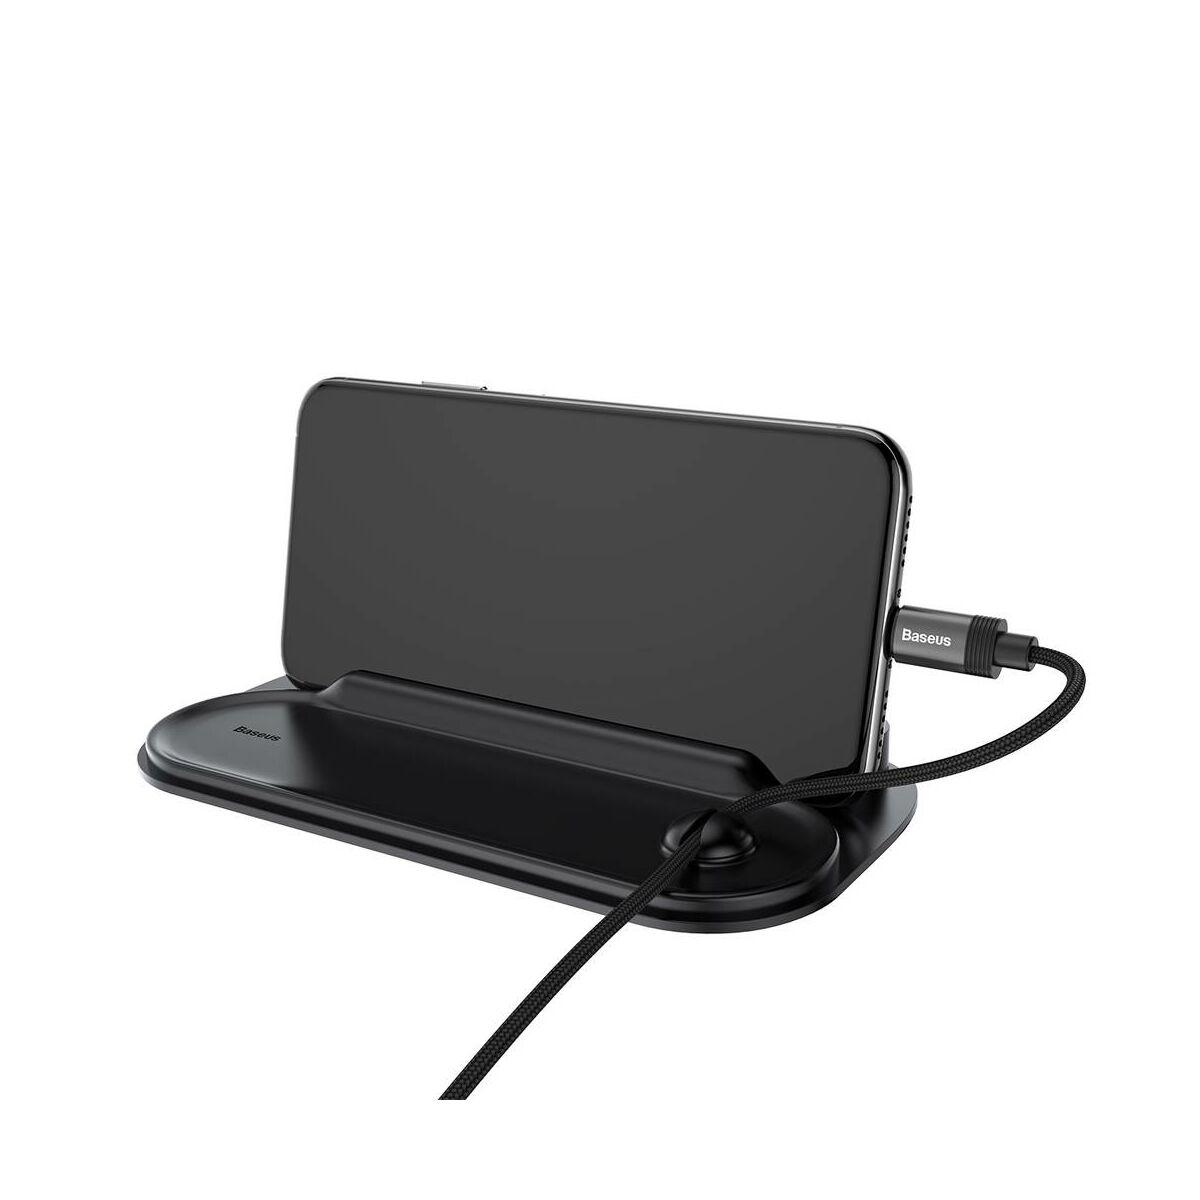 Baseus autós kiegészítő Horizon Silicone telefonszám kijelző műszerfalra parkoláshoz, fekete (ACNUM-PM01)